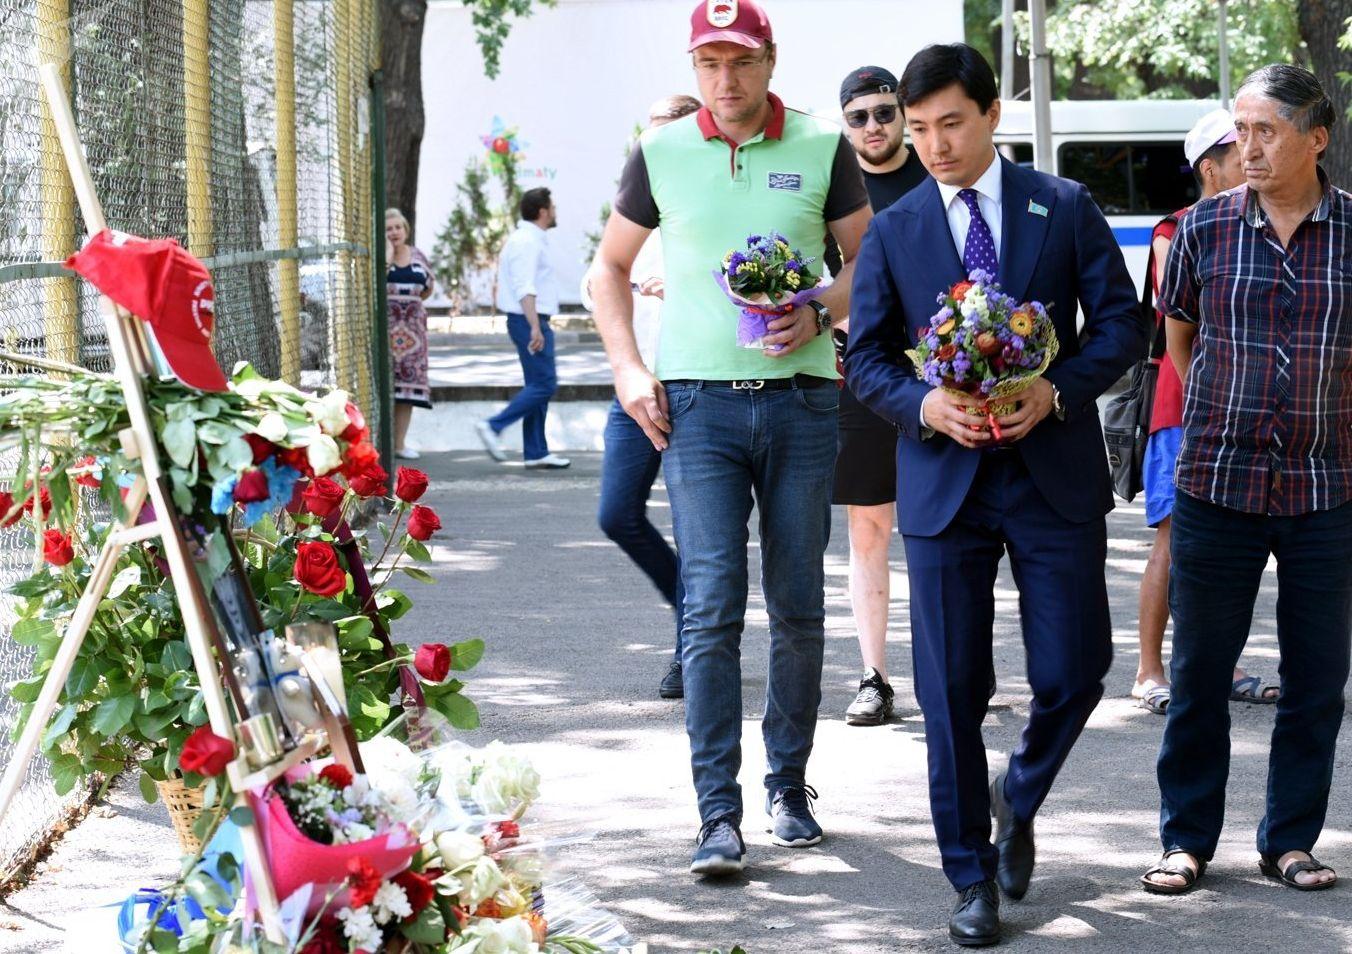 Казахстанцы несут цветы к месту трагедии, где был убит фигурист Денис Тен, в Алма-Ате